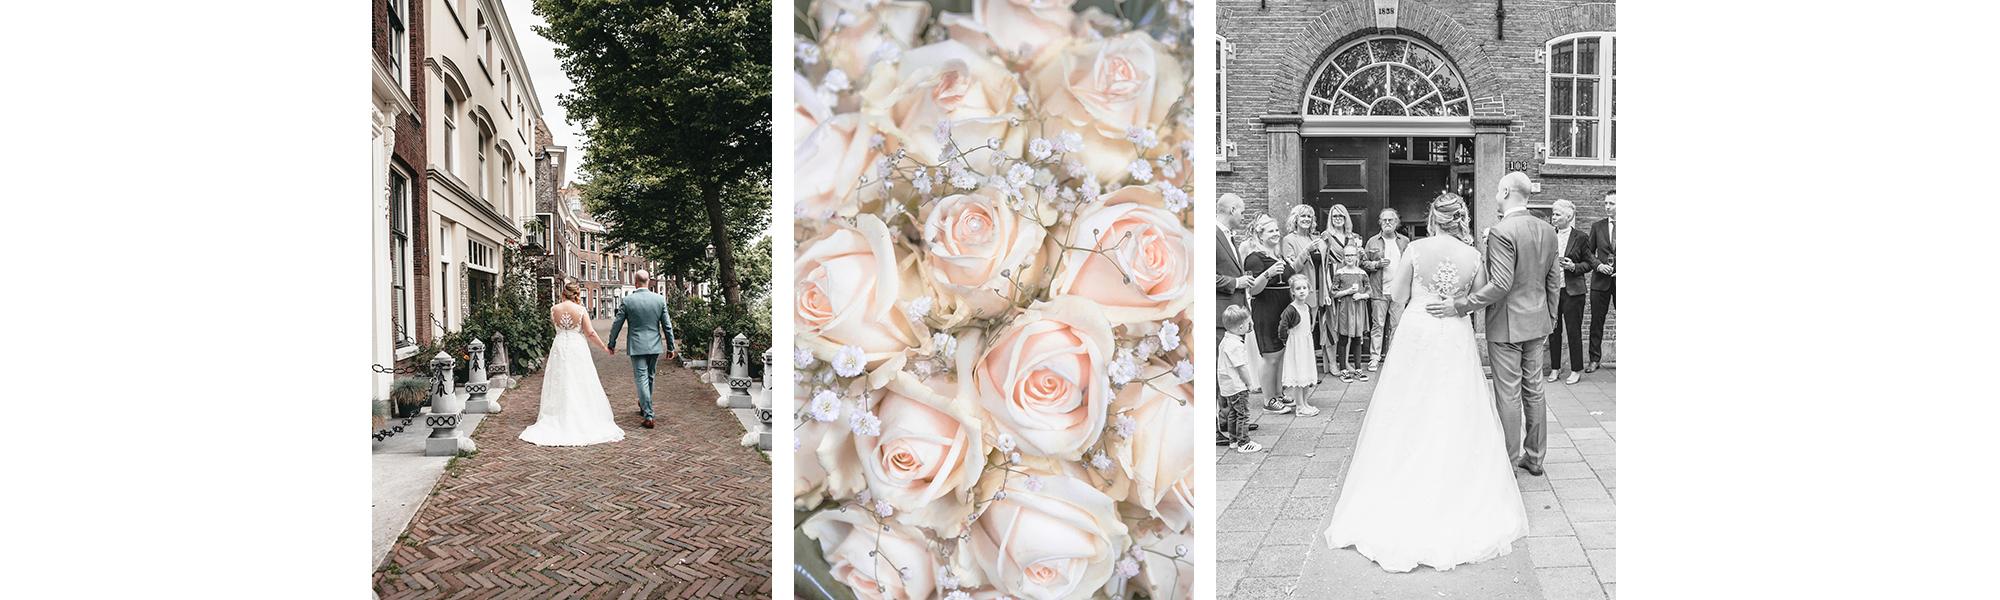 trouwfotografie fotografie Spijkenisse